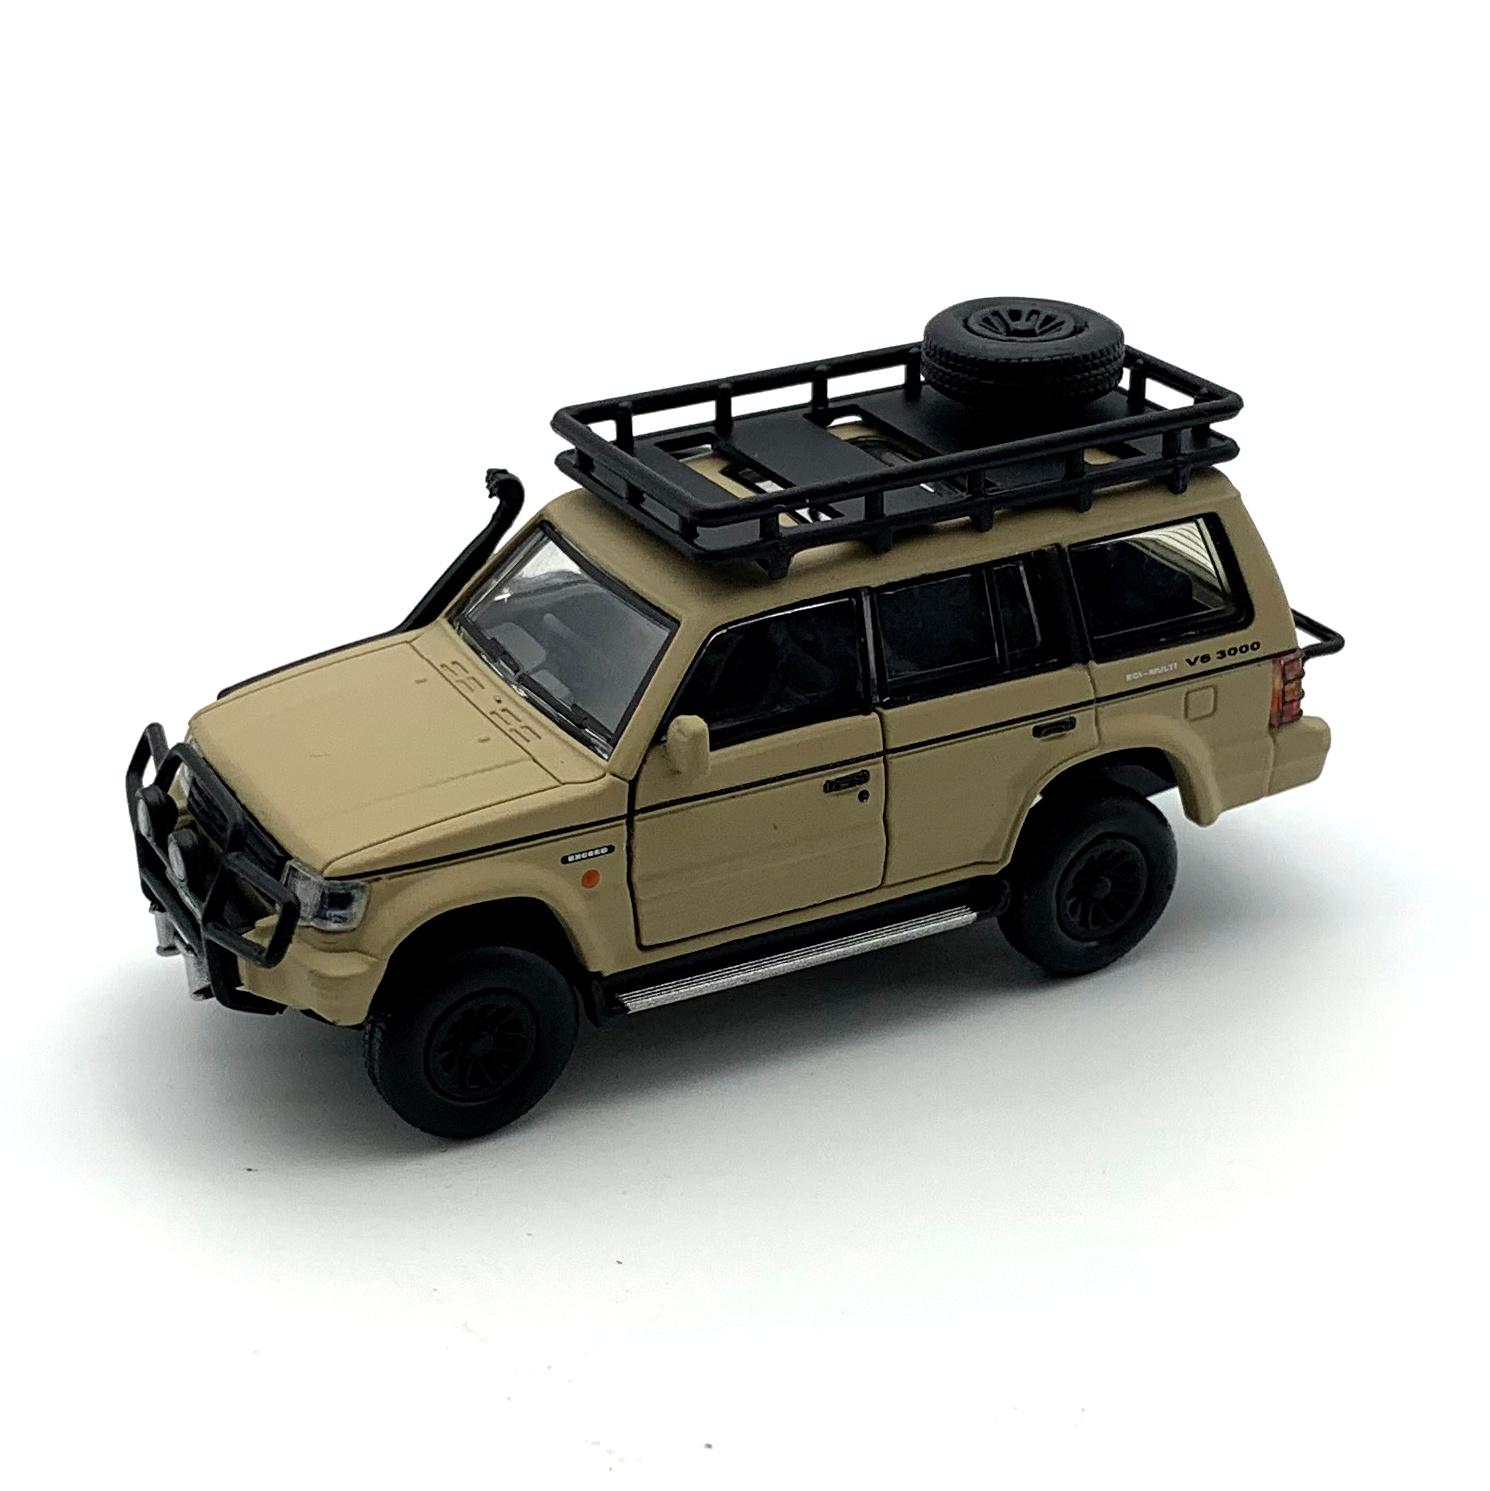 BM CREATIONS 三菱 パジェロ 2nd Generation マットアイボリー Jungle pack  RHD